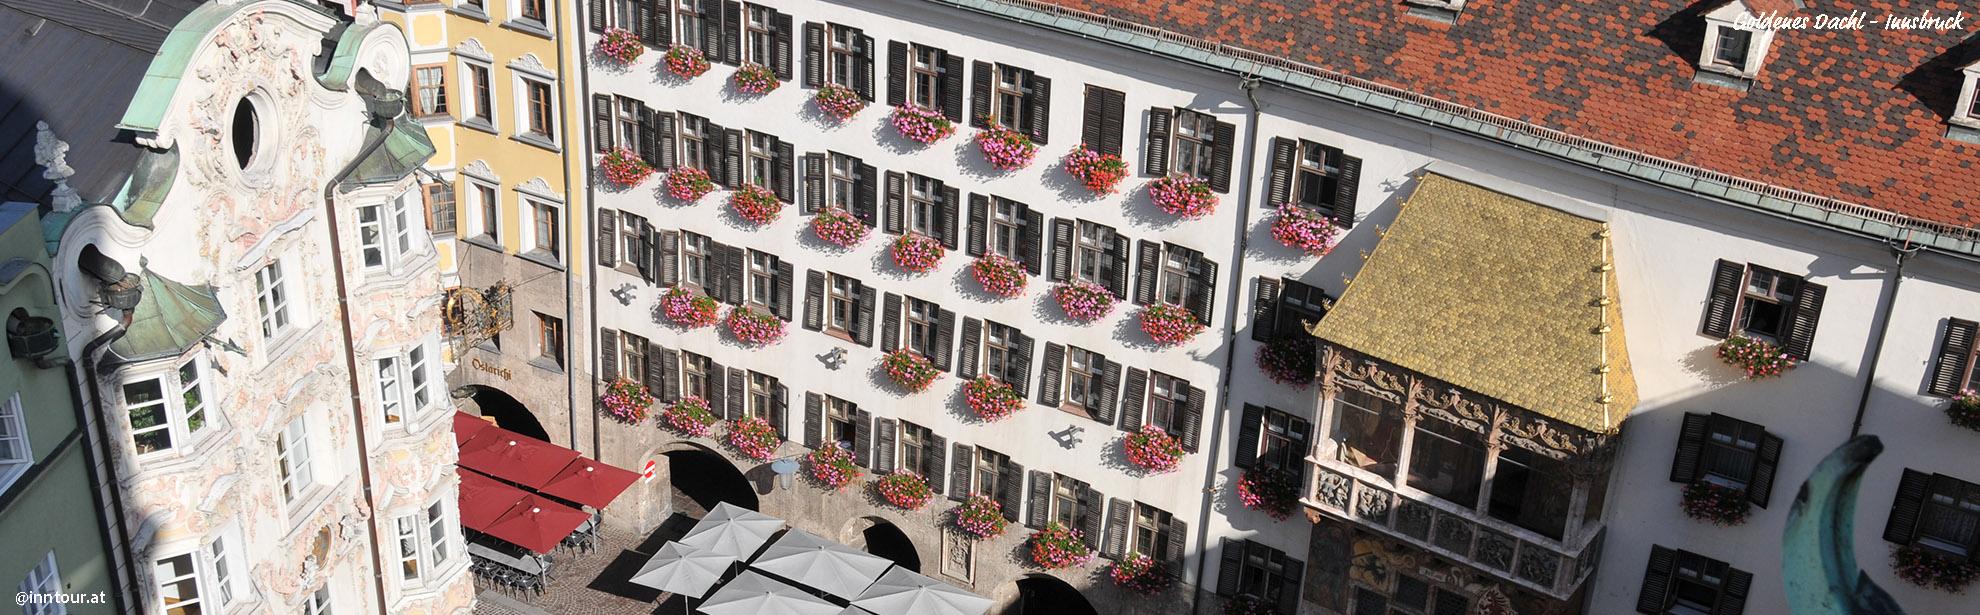 Oinntour_Goldenes-Dachl_Innsbruck_DSC_2472